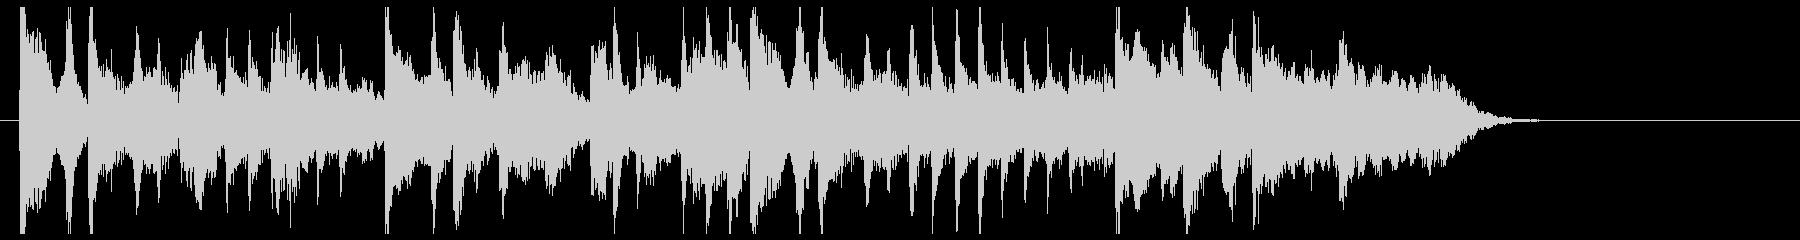 ラウンジサウンドのジングルの未再生の波形